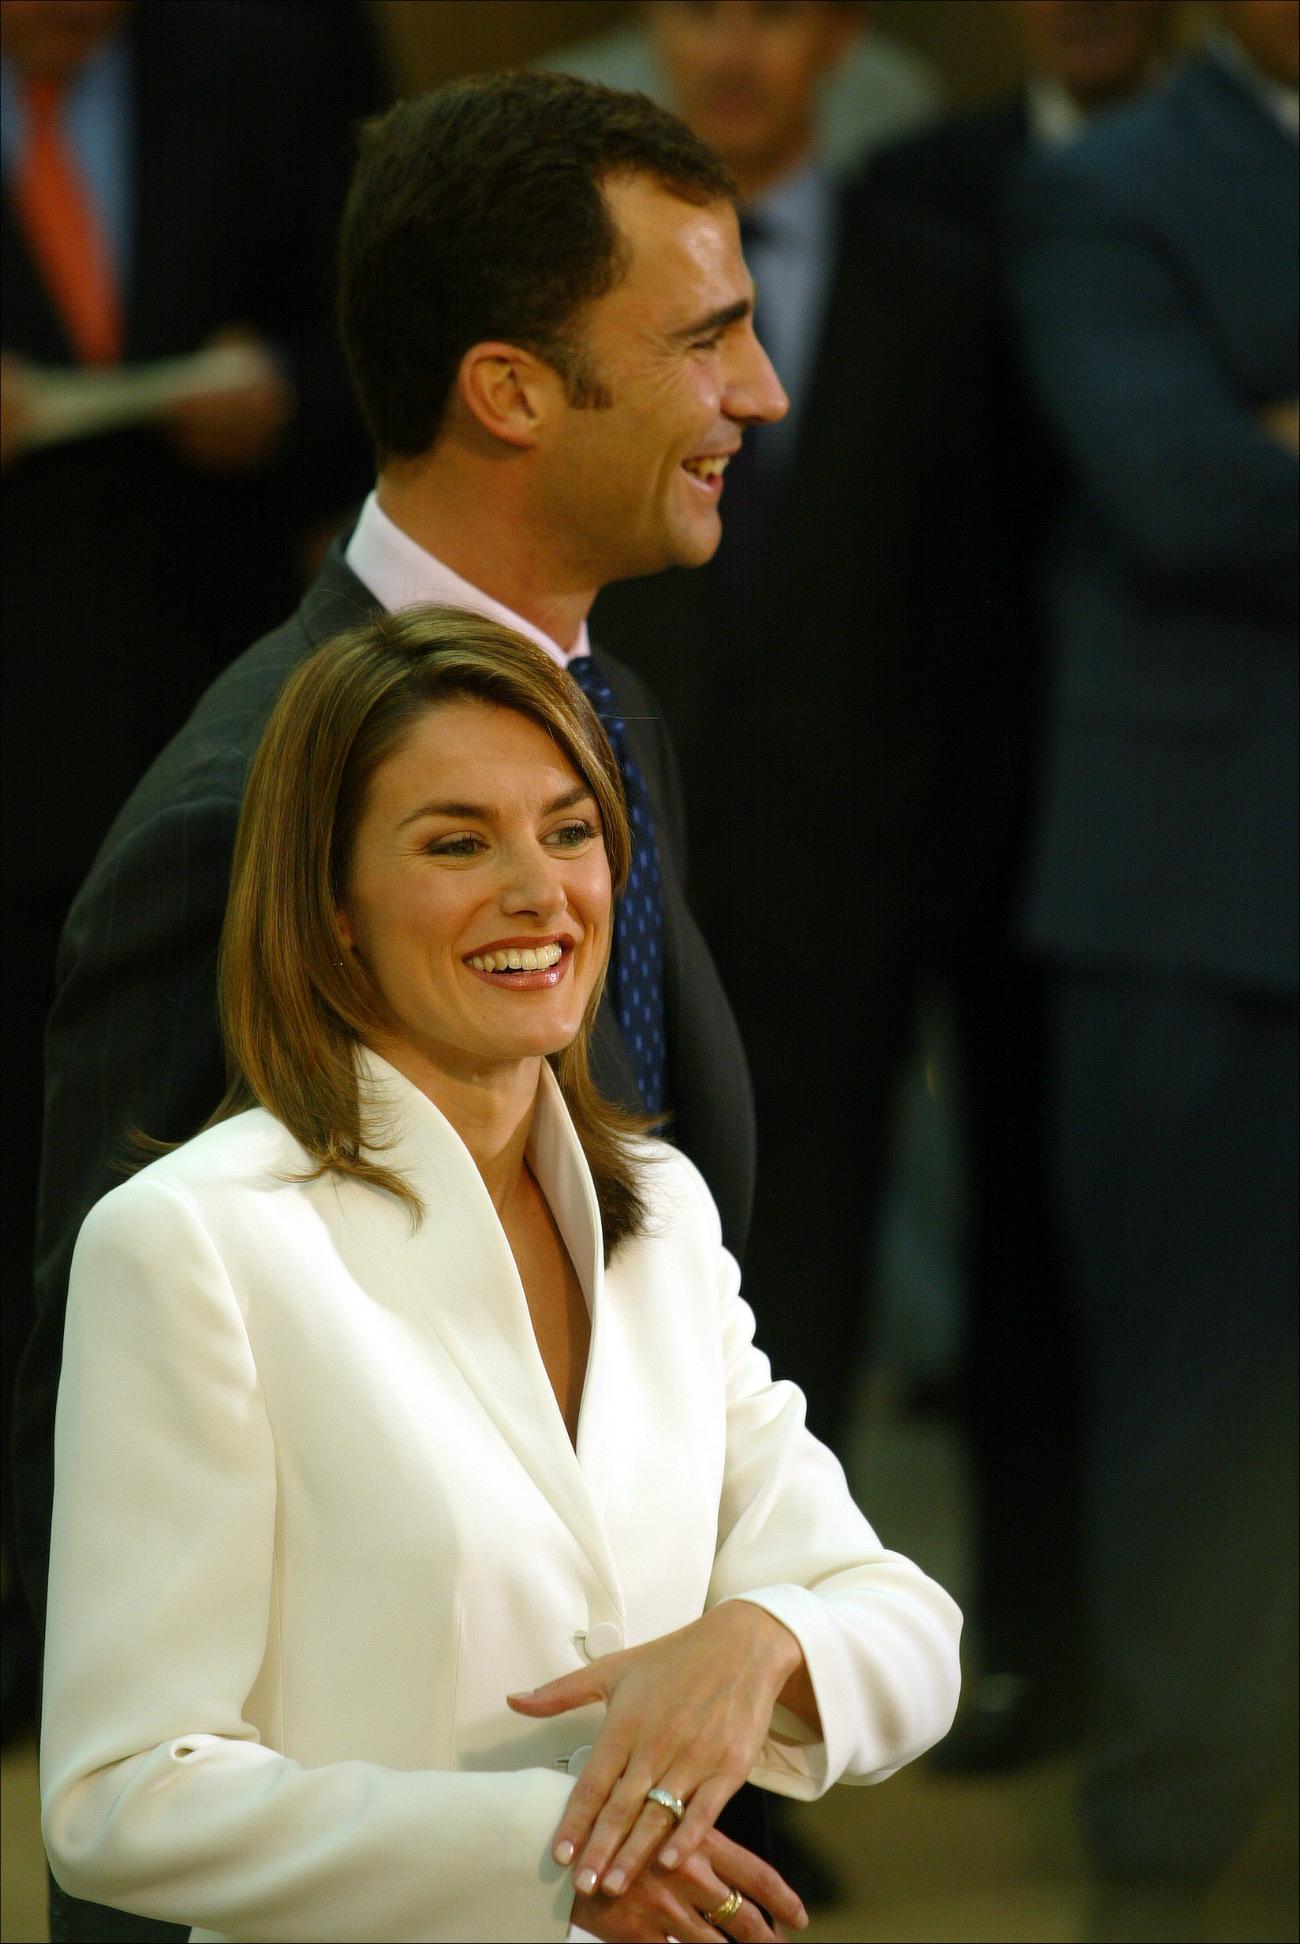 Letizia, radiante y feliz enseñando su anillo a la prensa hace ya unos años. (GTRES)